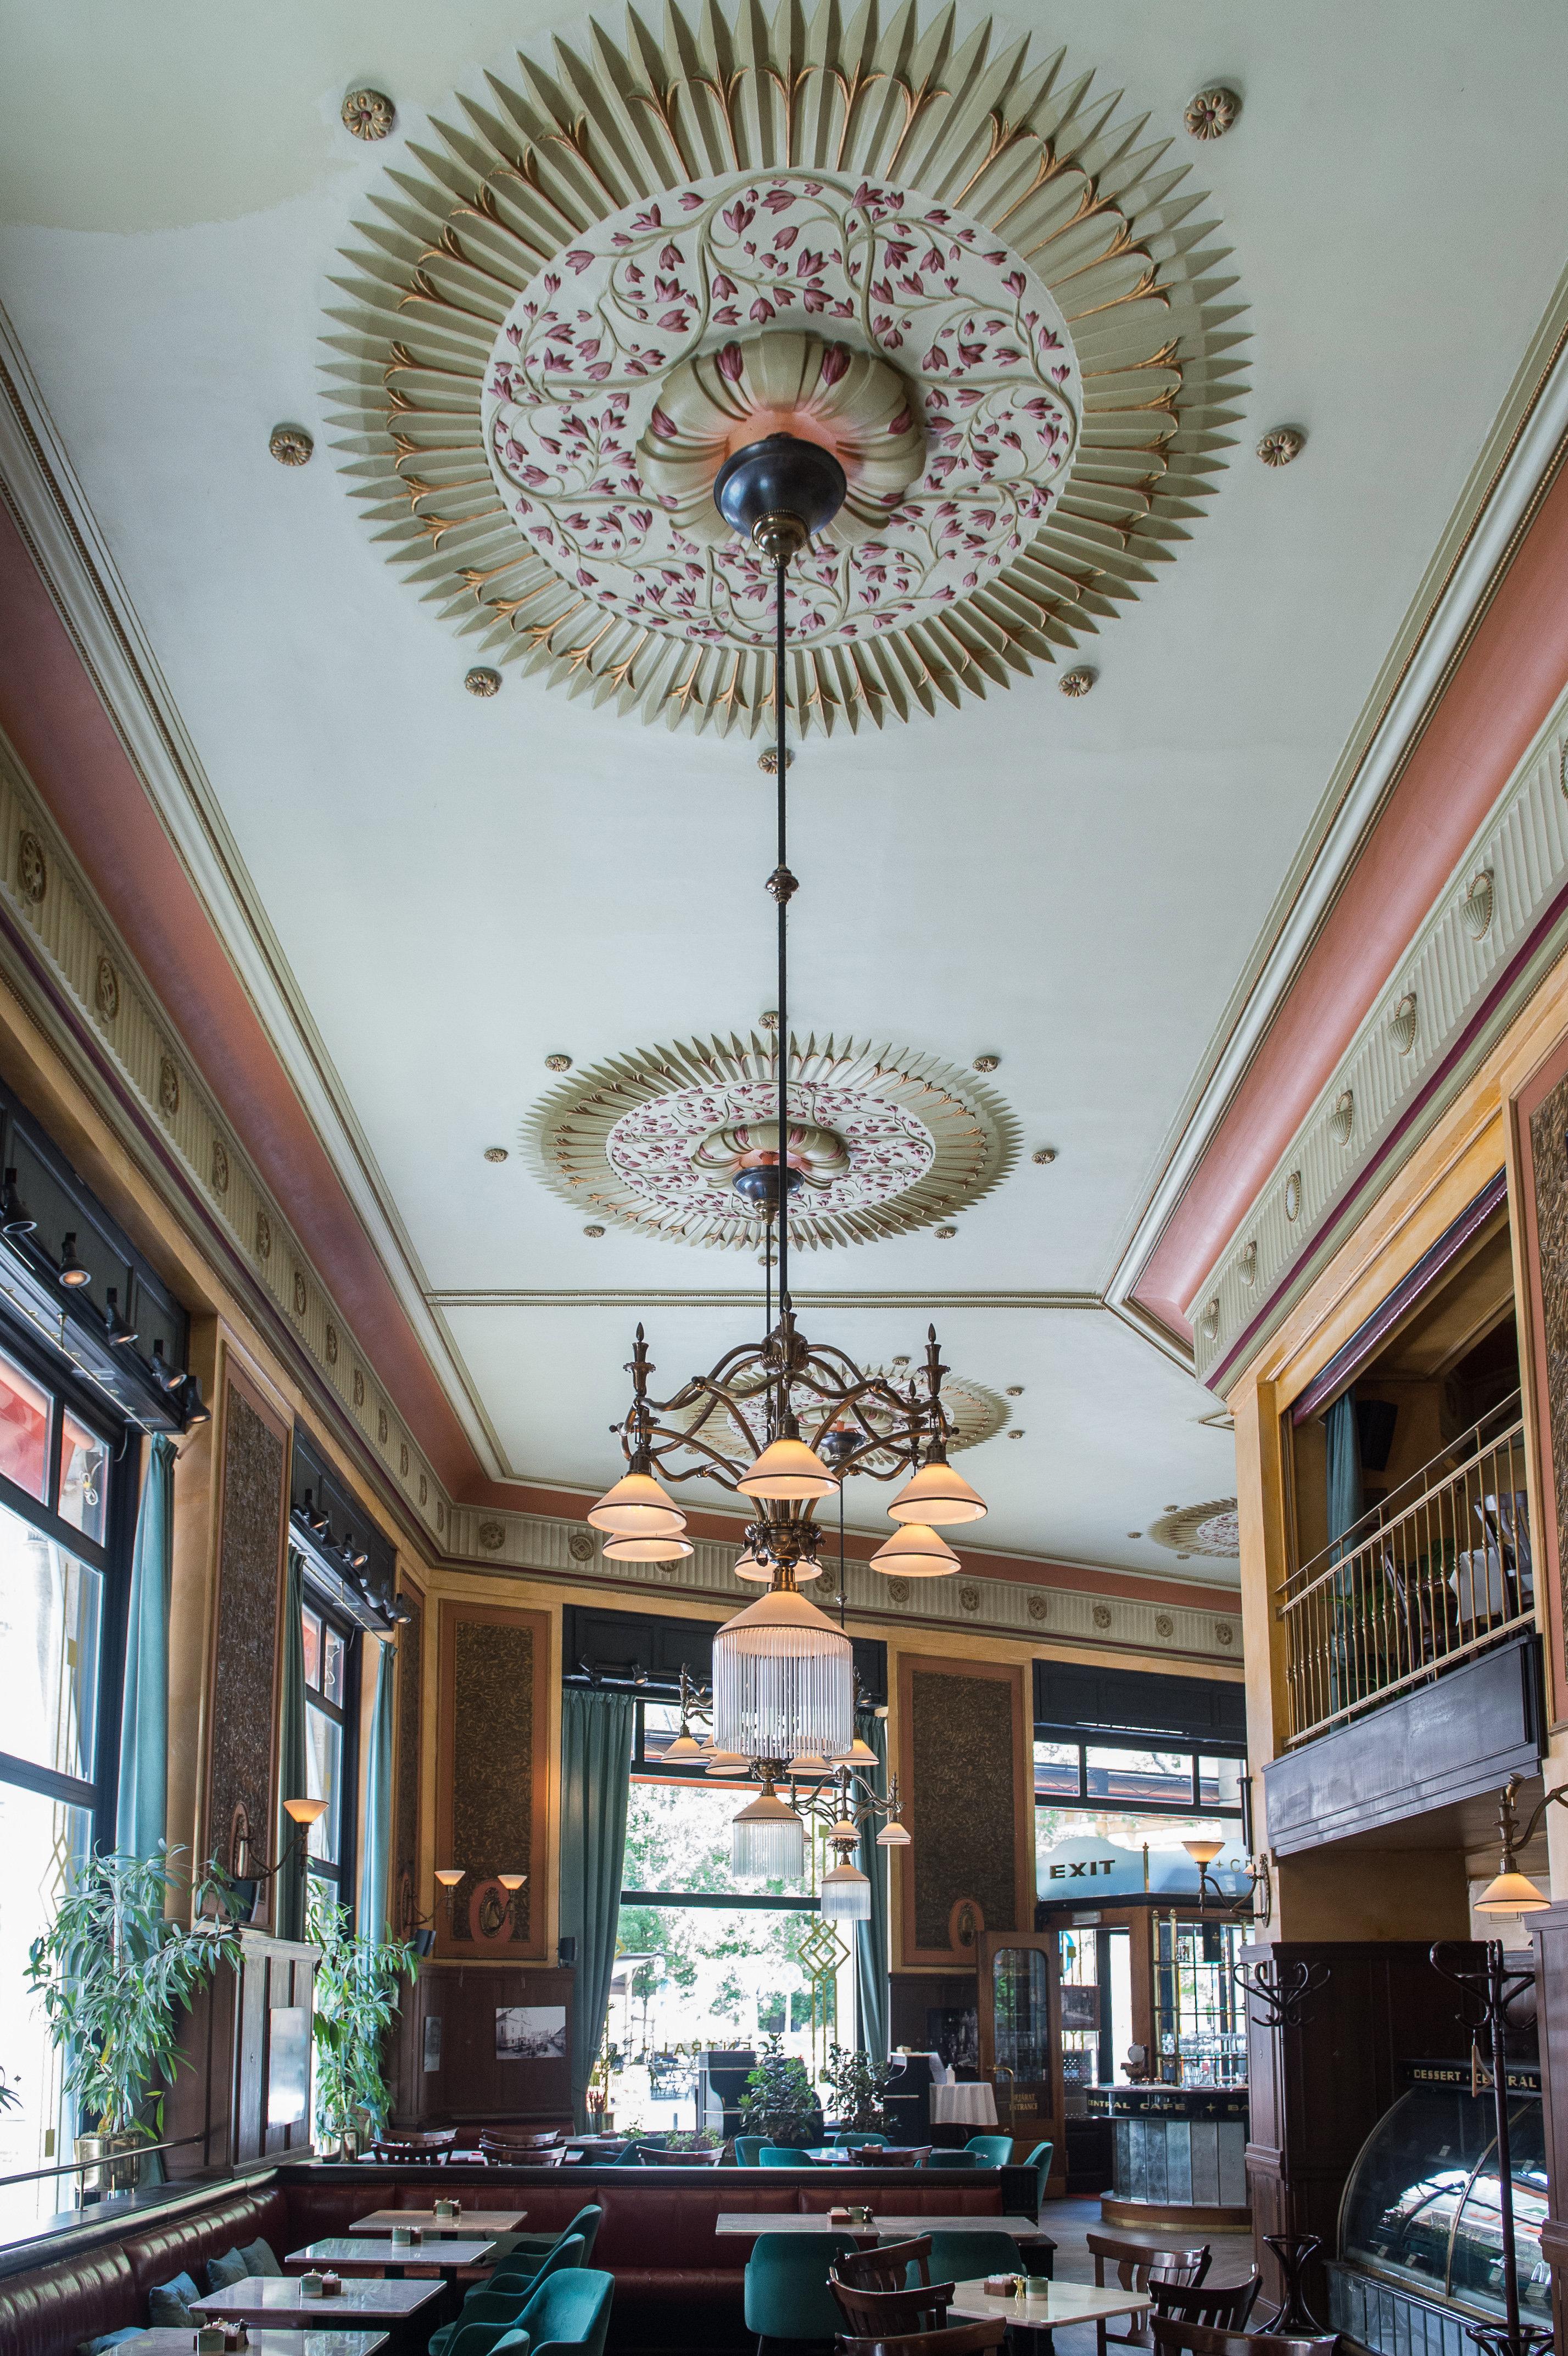 Történelmi kávéházak-Centrál Kávéház